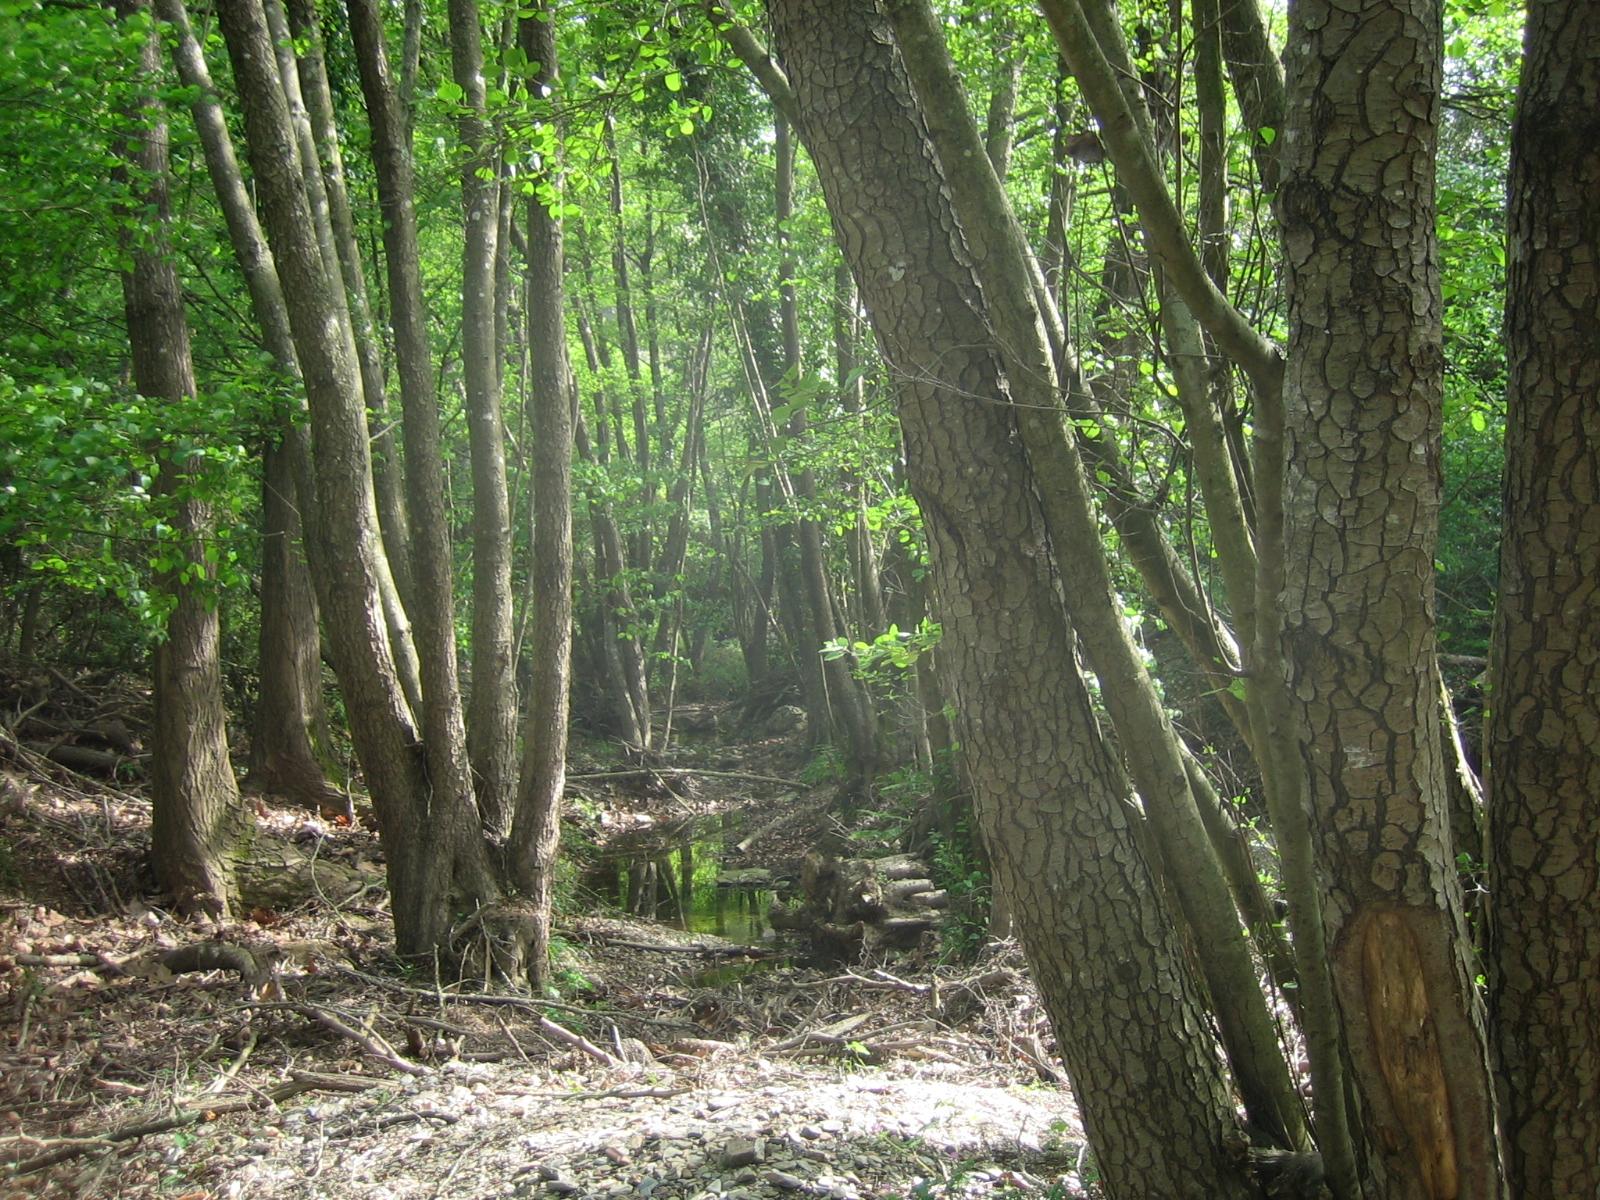 Els verns són arbres de ribera, necessiten aigua permanentment i son indicadors que hi ha aigua tot l'any. Aquesta fotografia ens mostra la verneda del Celrè formada per arbres de bona mida. Les vernedes amb el canvi climàtic estan desapareixen de les Gavarres.